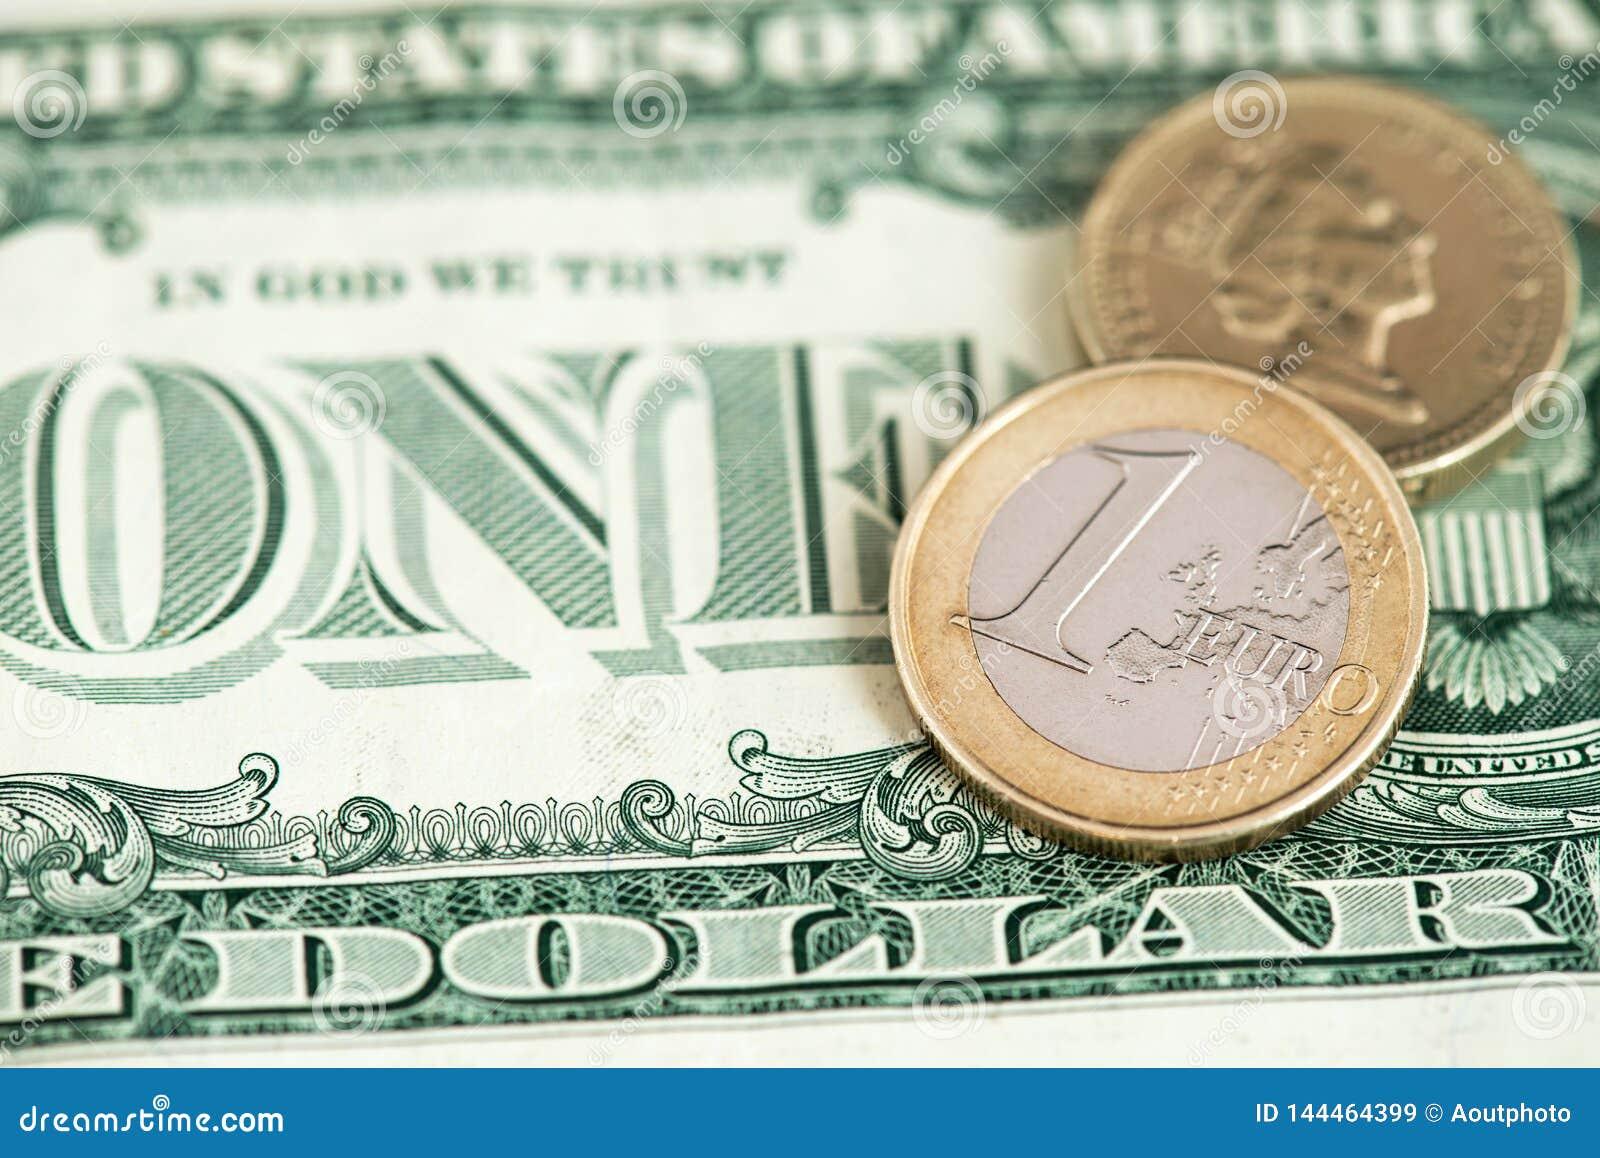 Una moneda del euro y libra británica con cierre de la cuenta de dólar americano encima de la imagen